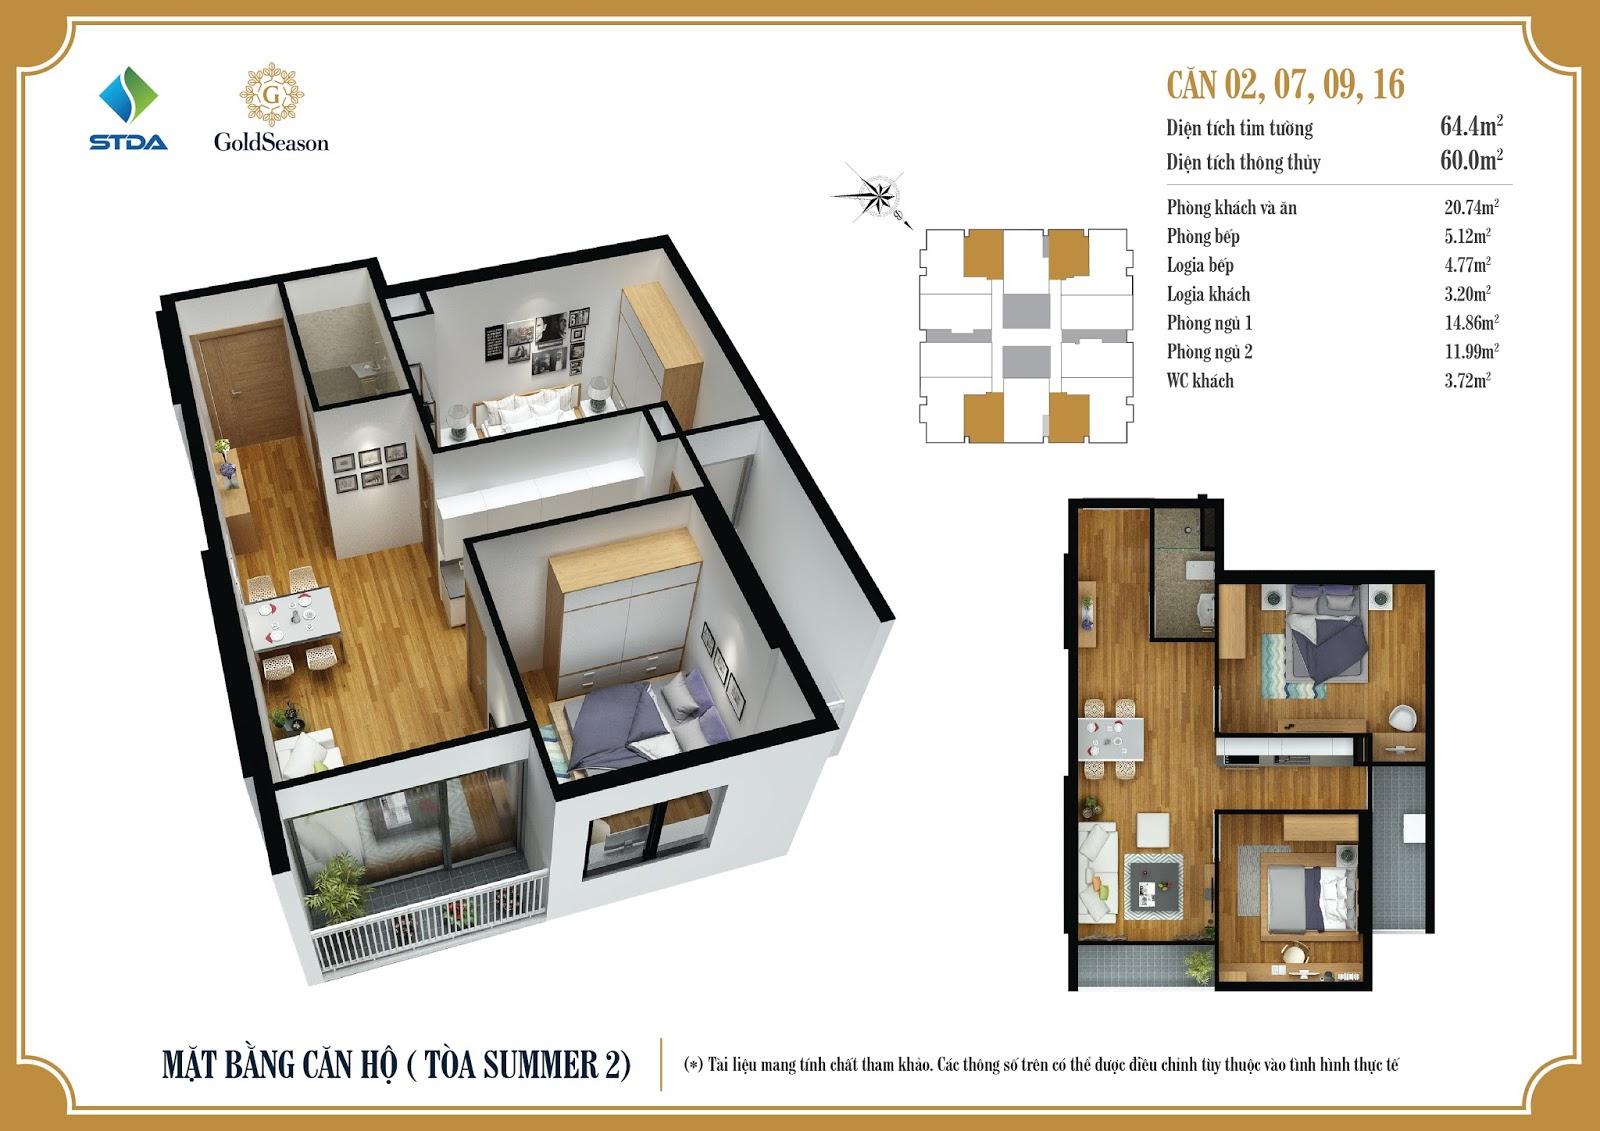 Mặt bằng căn hộ 02, 07, 09, 16 - 64,4m2 - GoldSeason